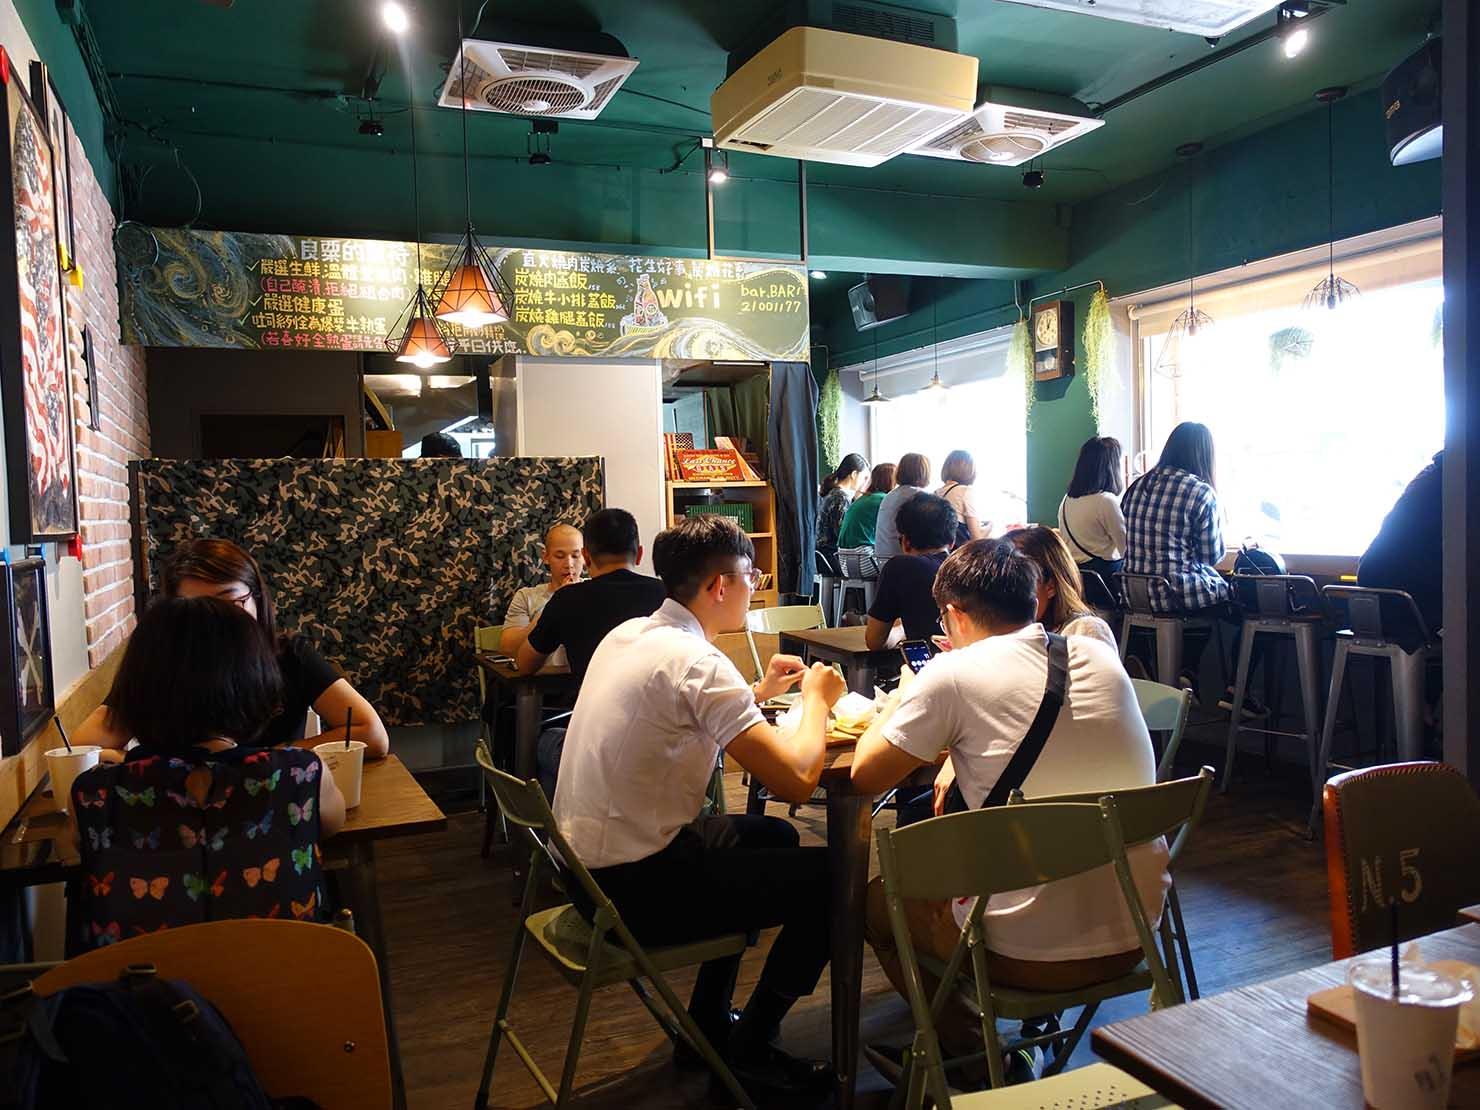 台北・行天宮のおすすめグルメ店「良粟商號」の店内